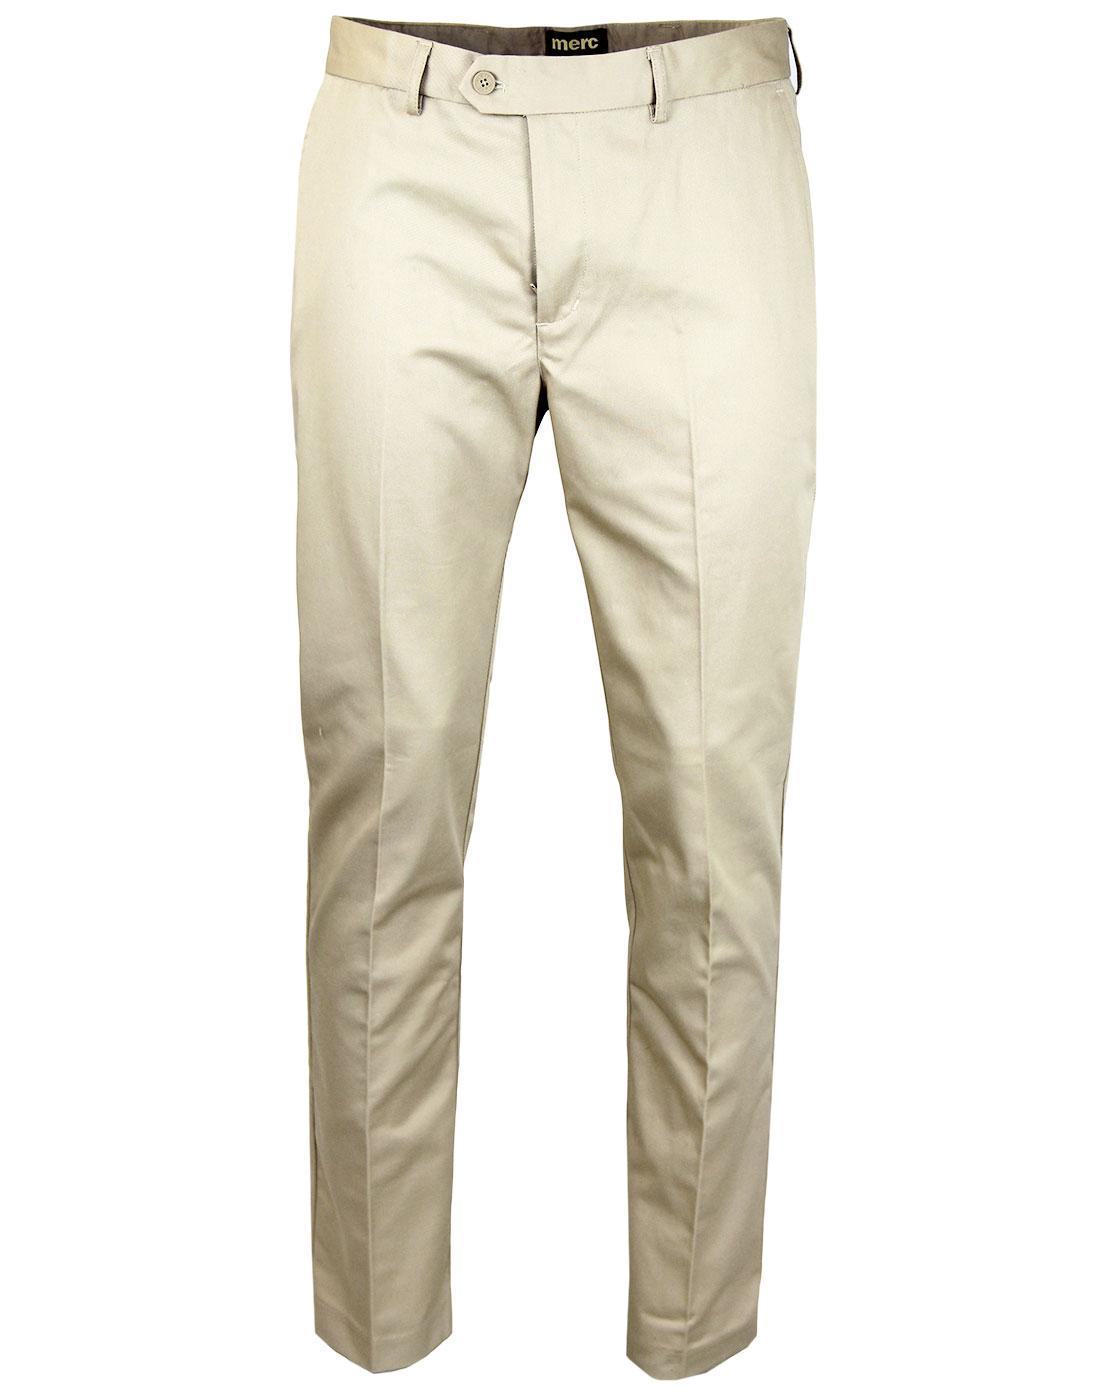 Winston MERC Mod Sta Press Retro Trousers (Cream)